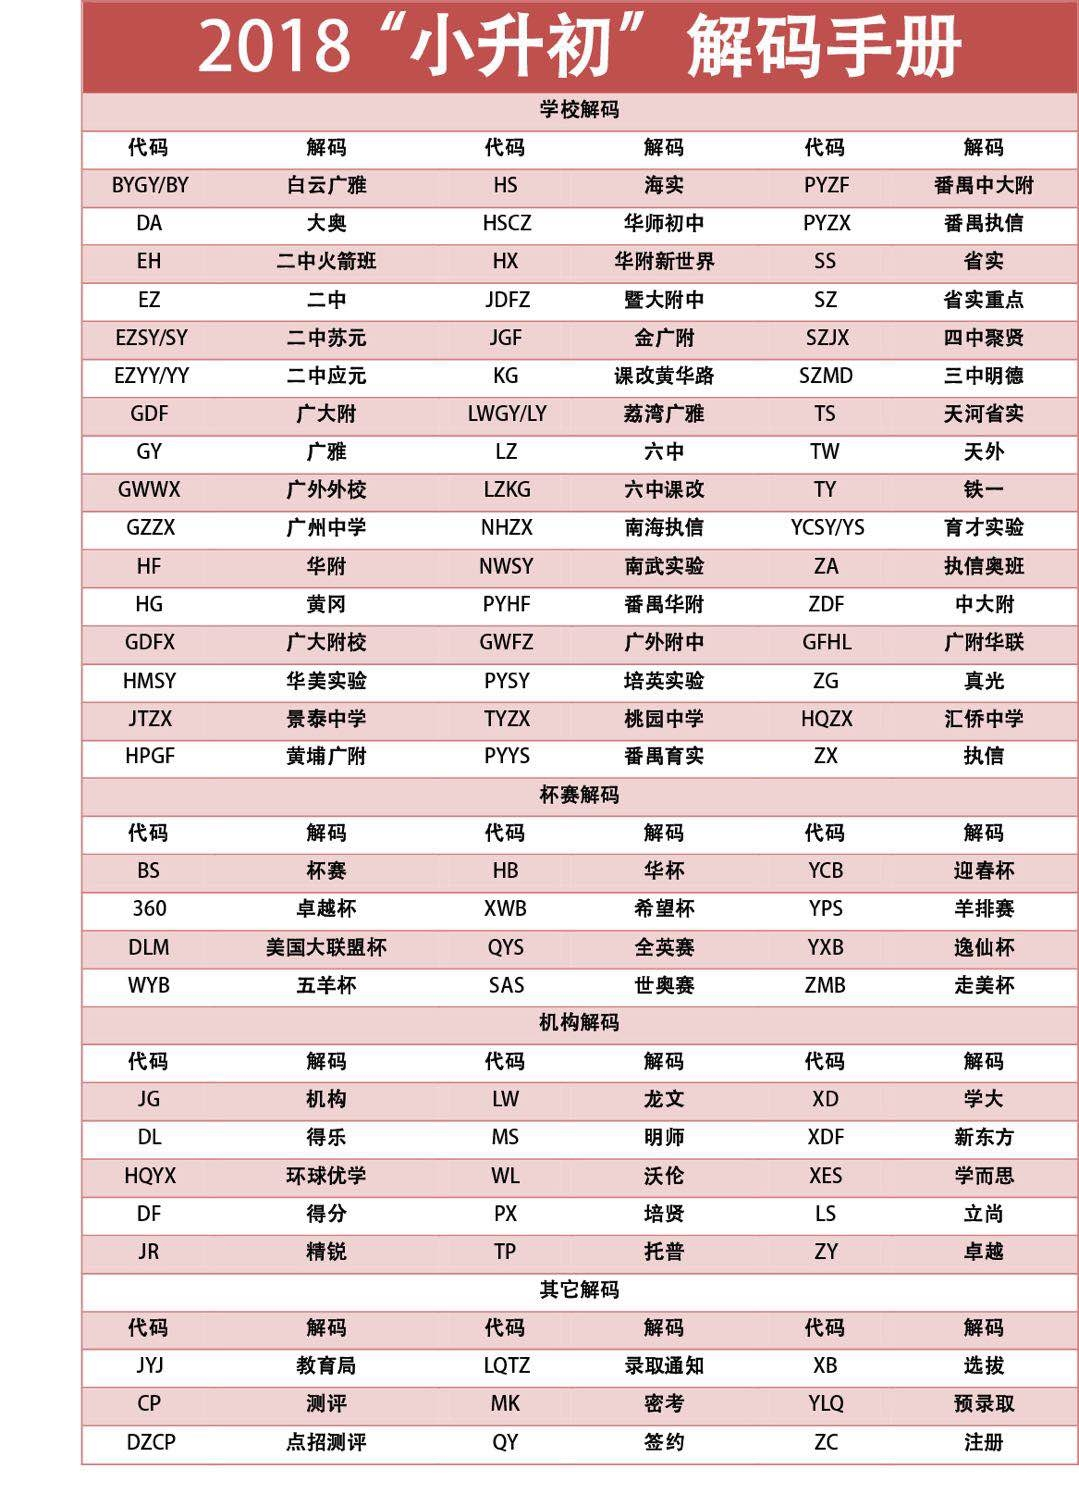 ★2018年广州小升初暗语最新解码表